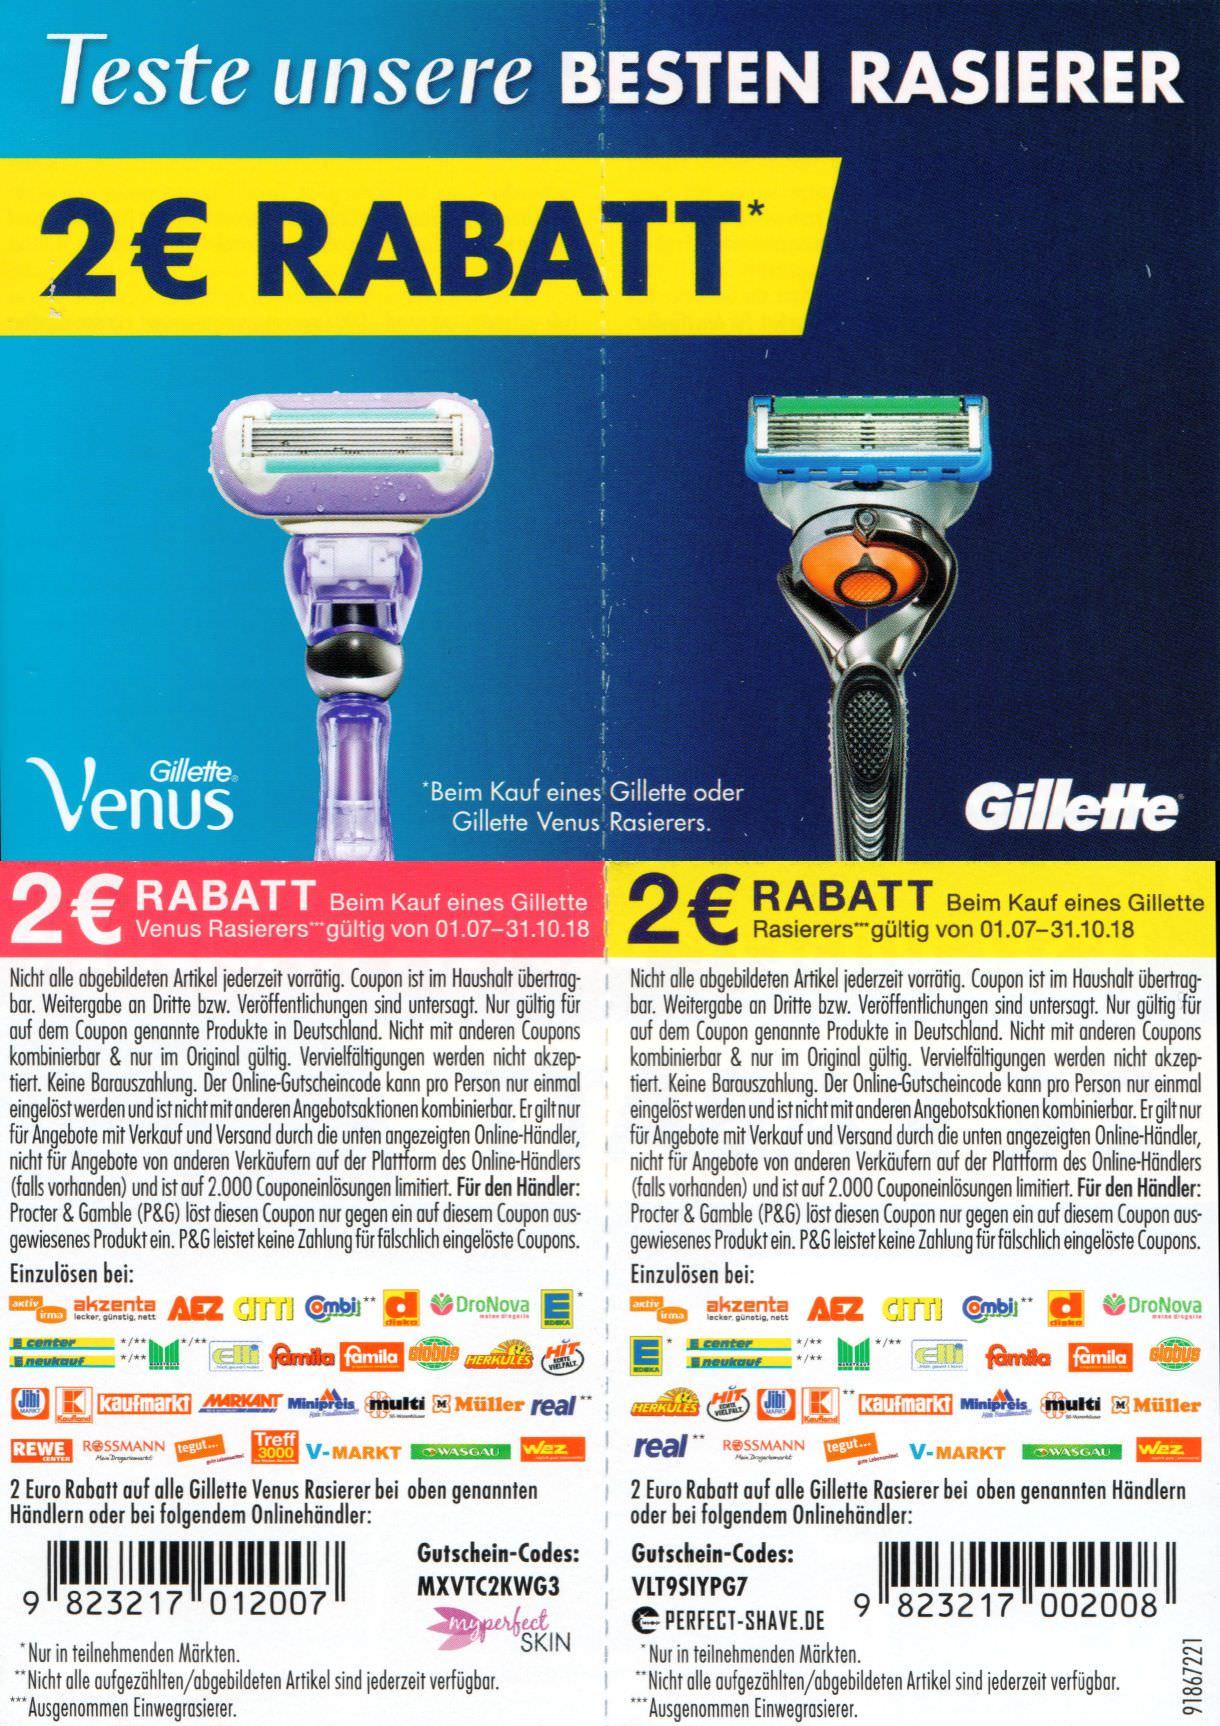 2€ Coupons für alle Gillette oder Gillette Venus Rasierer bis 31.10.2018 [bundesweit]